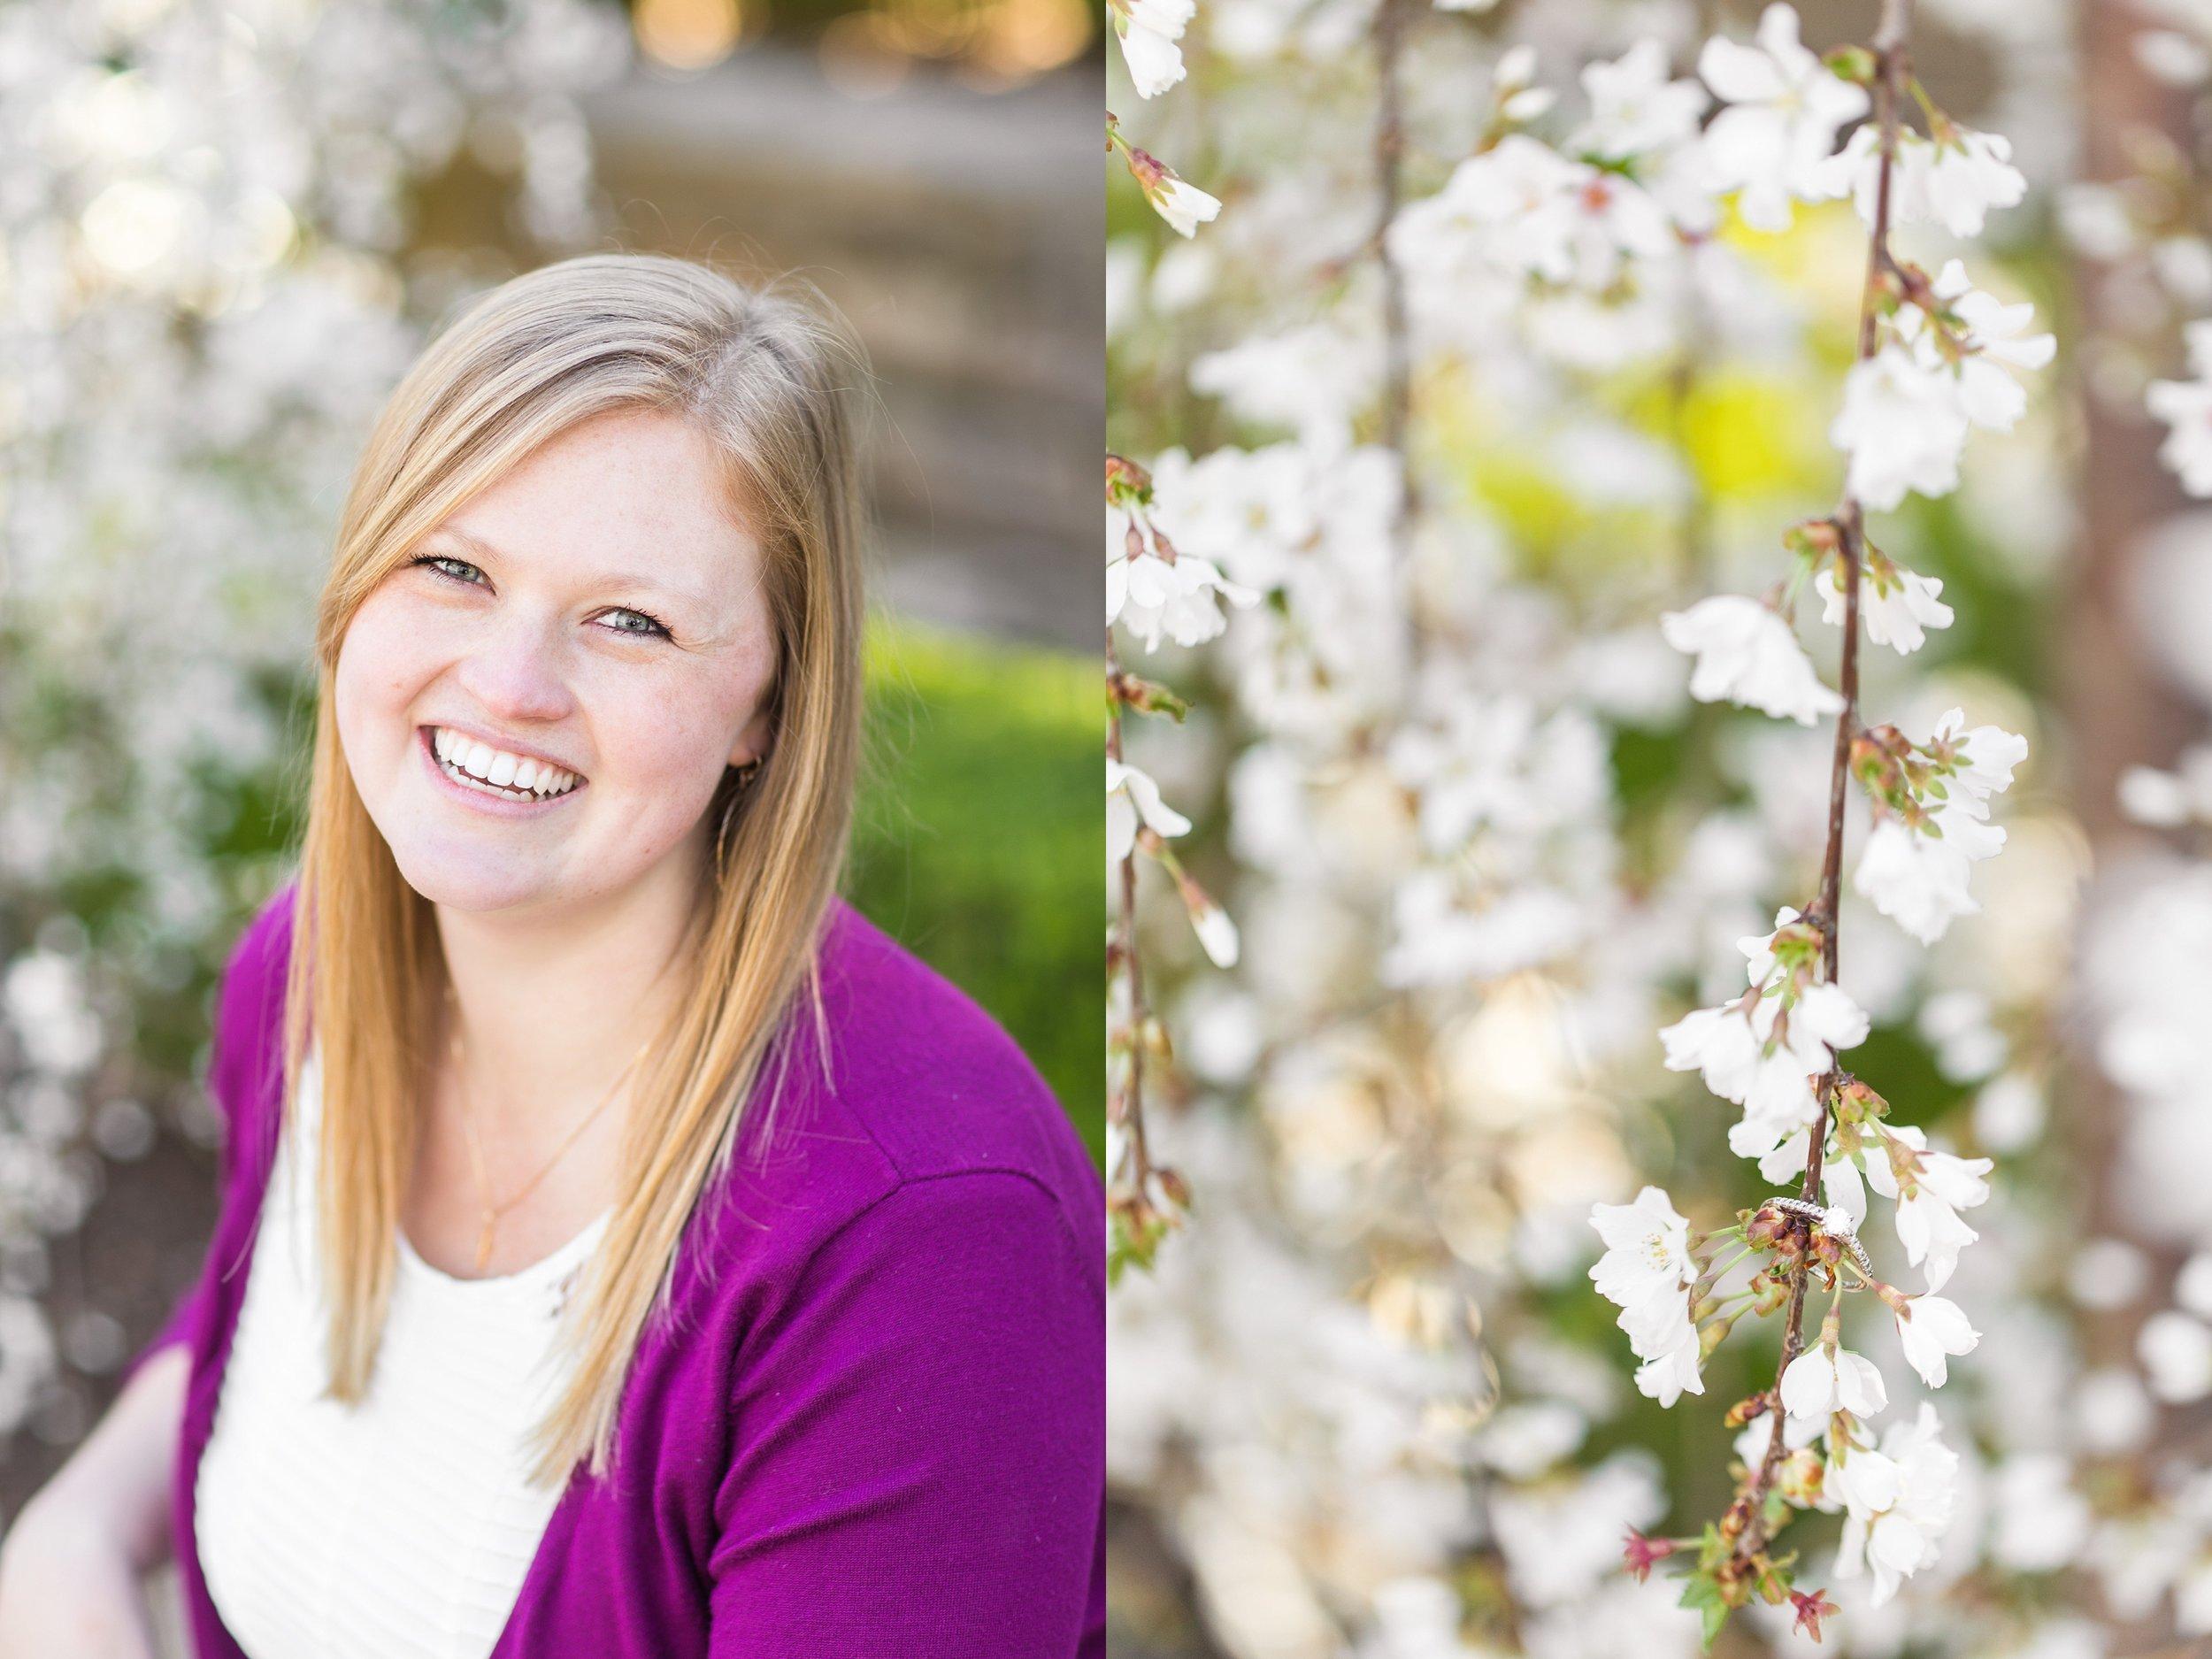 Oklahoma-City-WeddingPhotographer-JessicaMcBroom